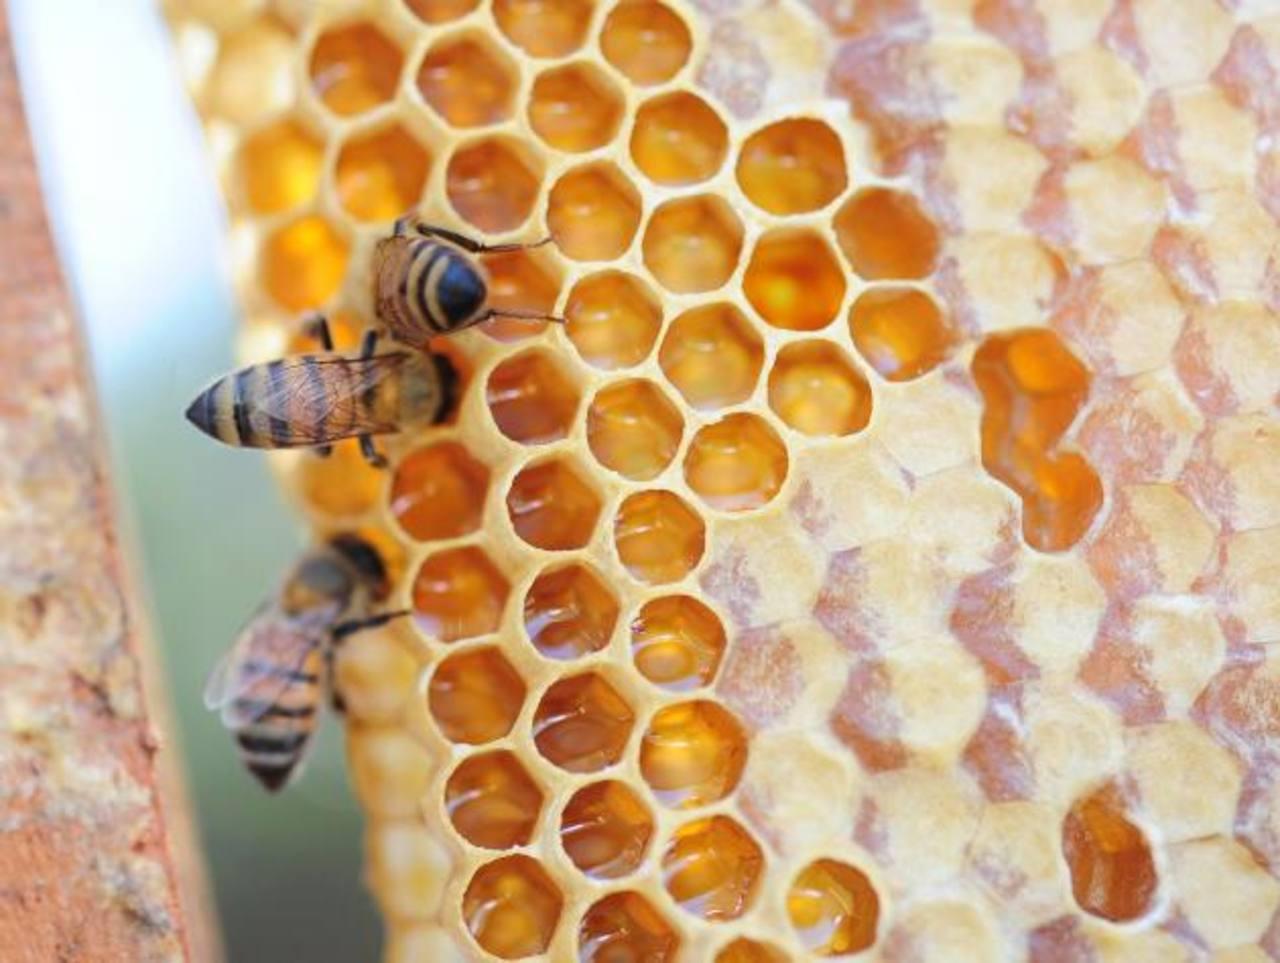 Las generadoras de la miel trabajan día y noche. Así se convierten en una fuente de trabajo y alimentación para muchos.